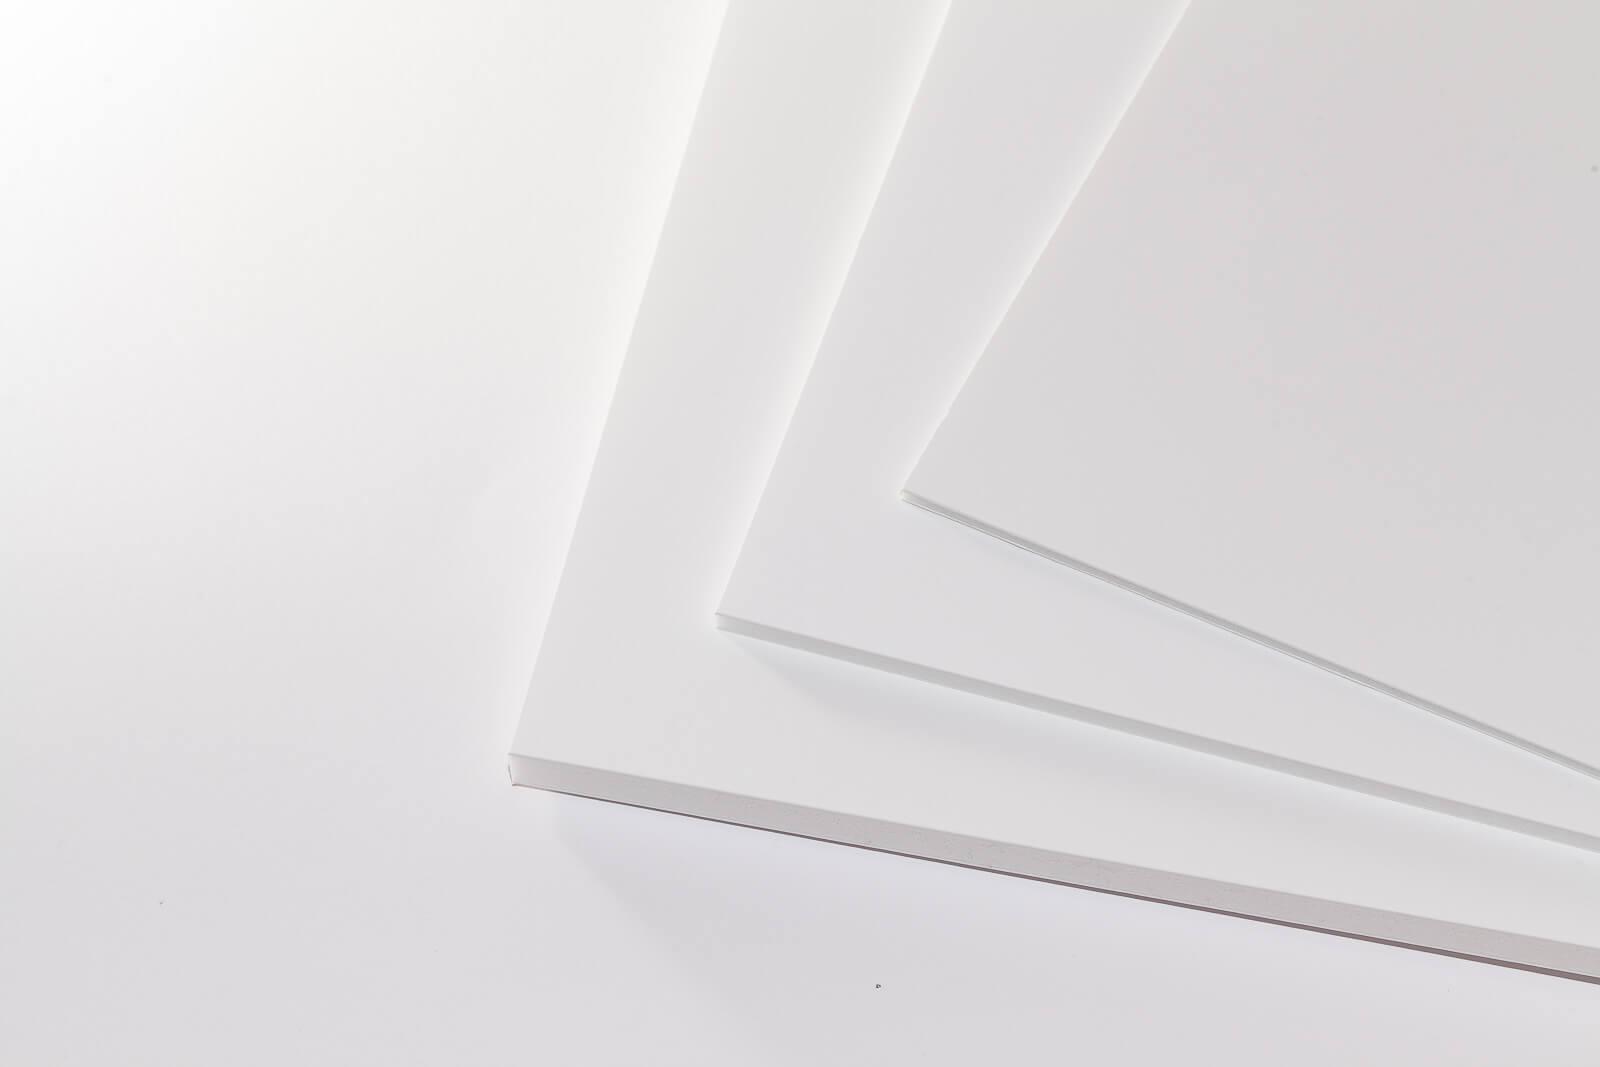 Eine Aufnahme von drei Kapa-Bright Leichtschaumplatten